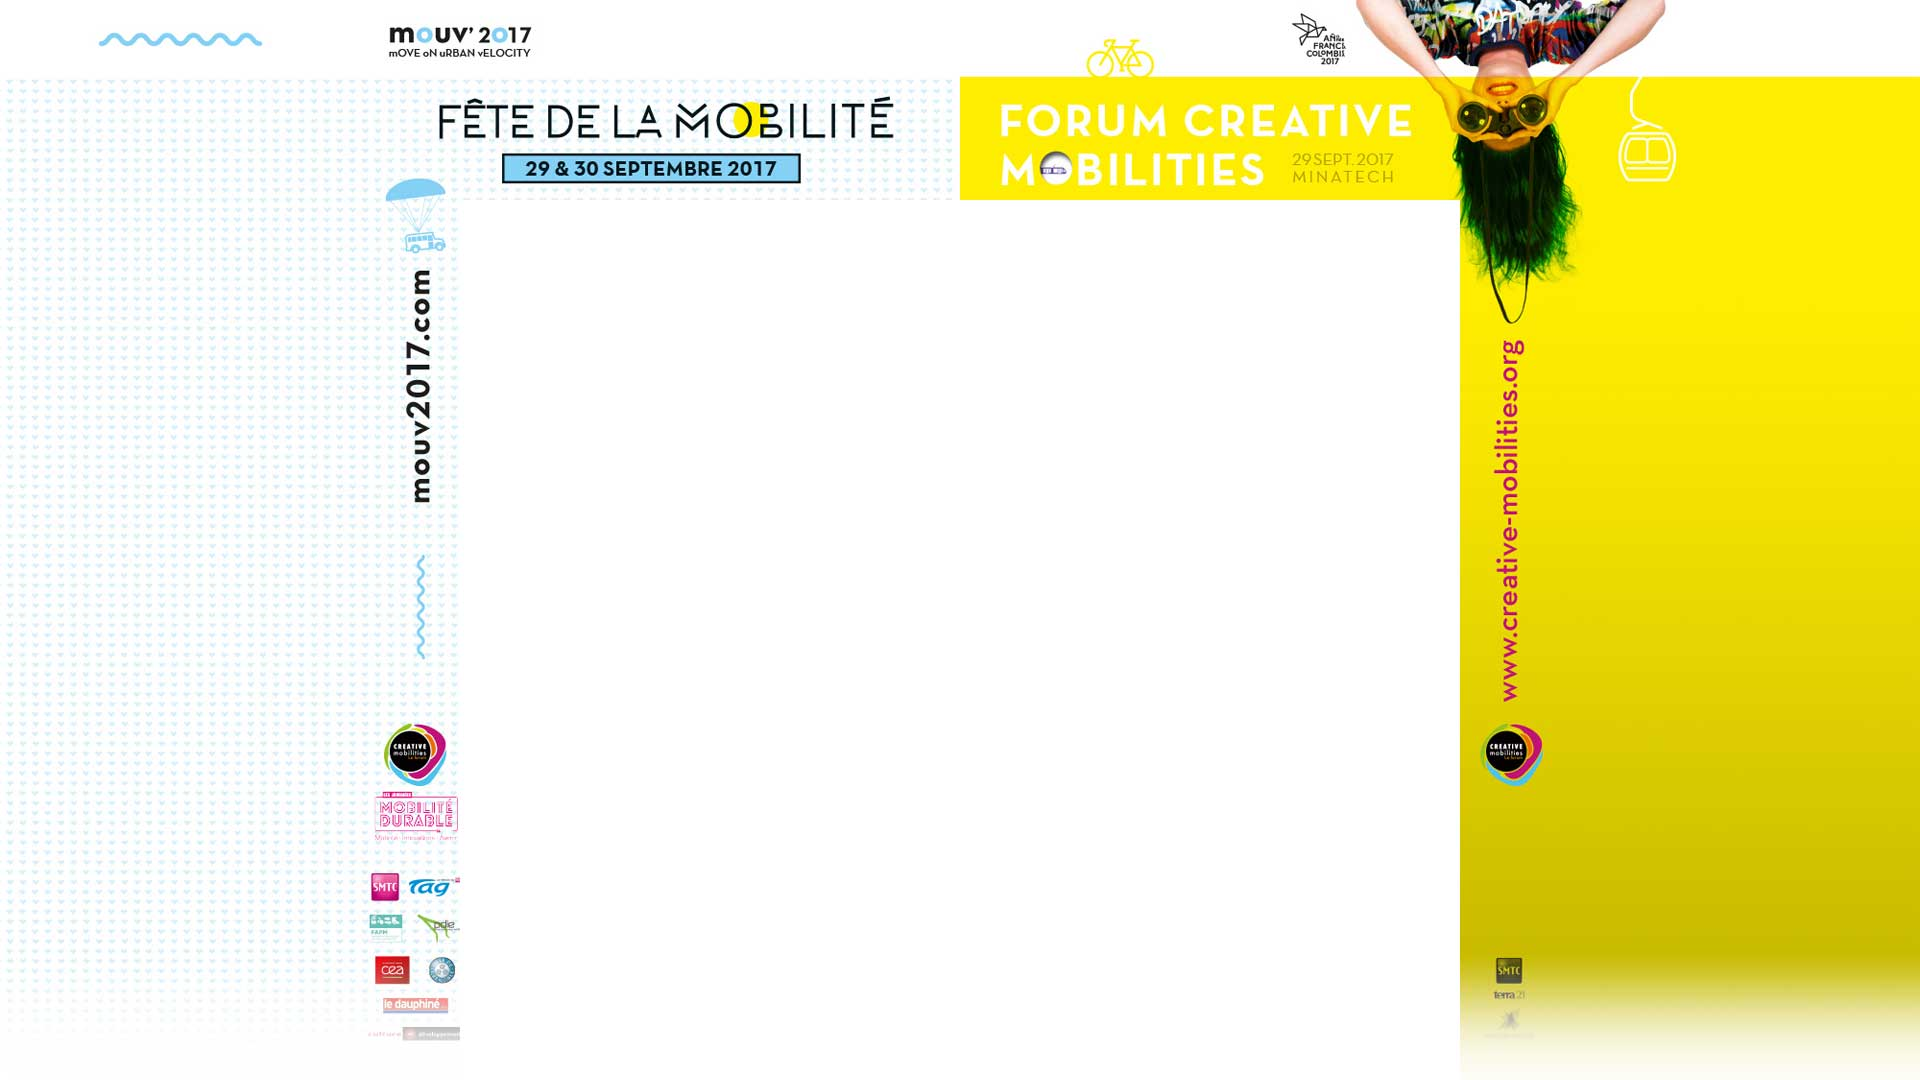 1er forum international Creative mobilities le 29 septembre 2017 à Grenoble.